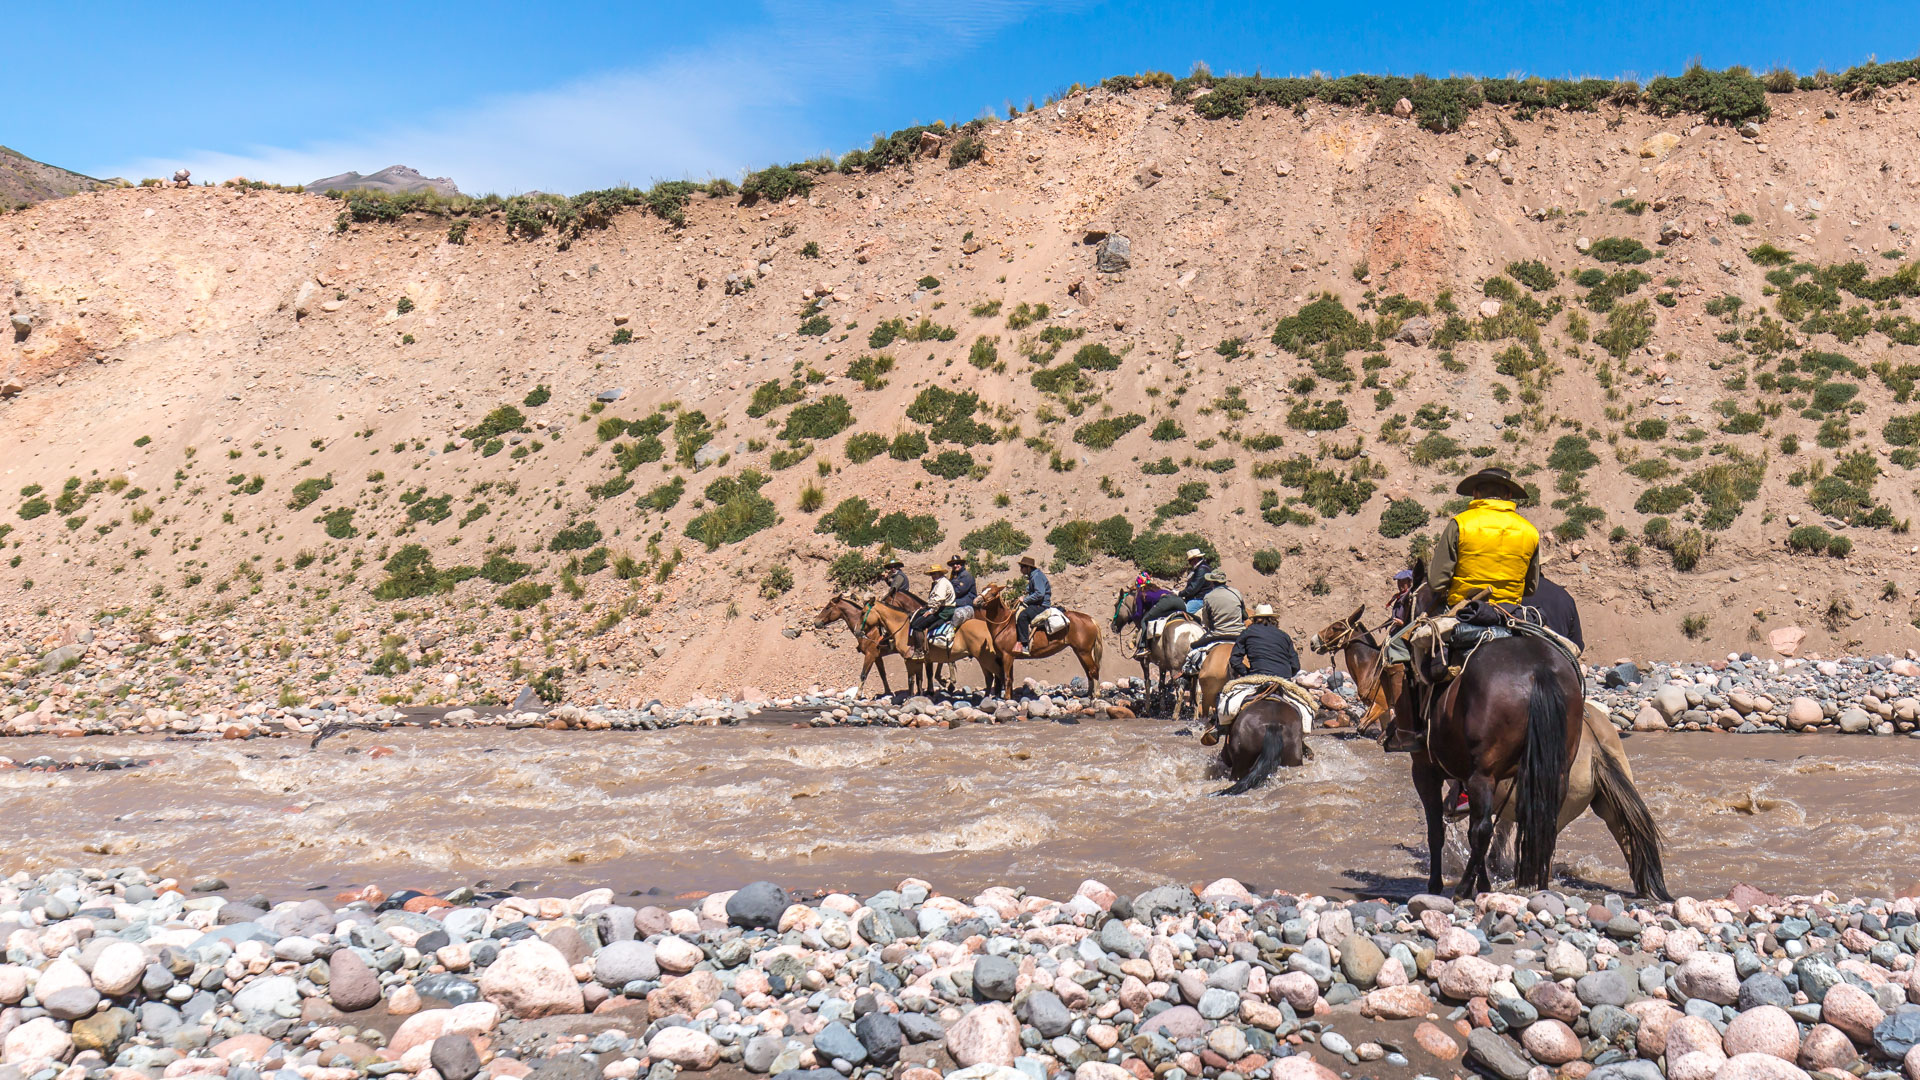 Przekraczanie rzeki Tunuyan